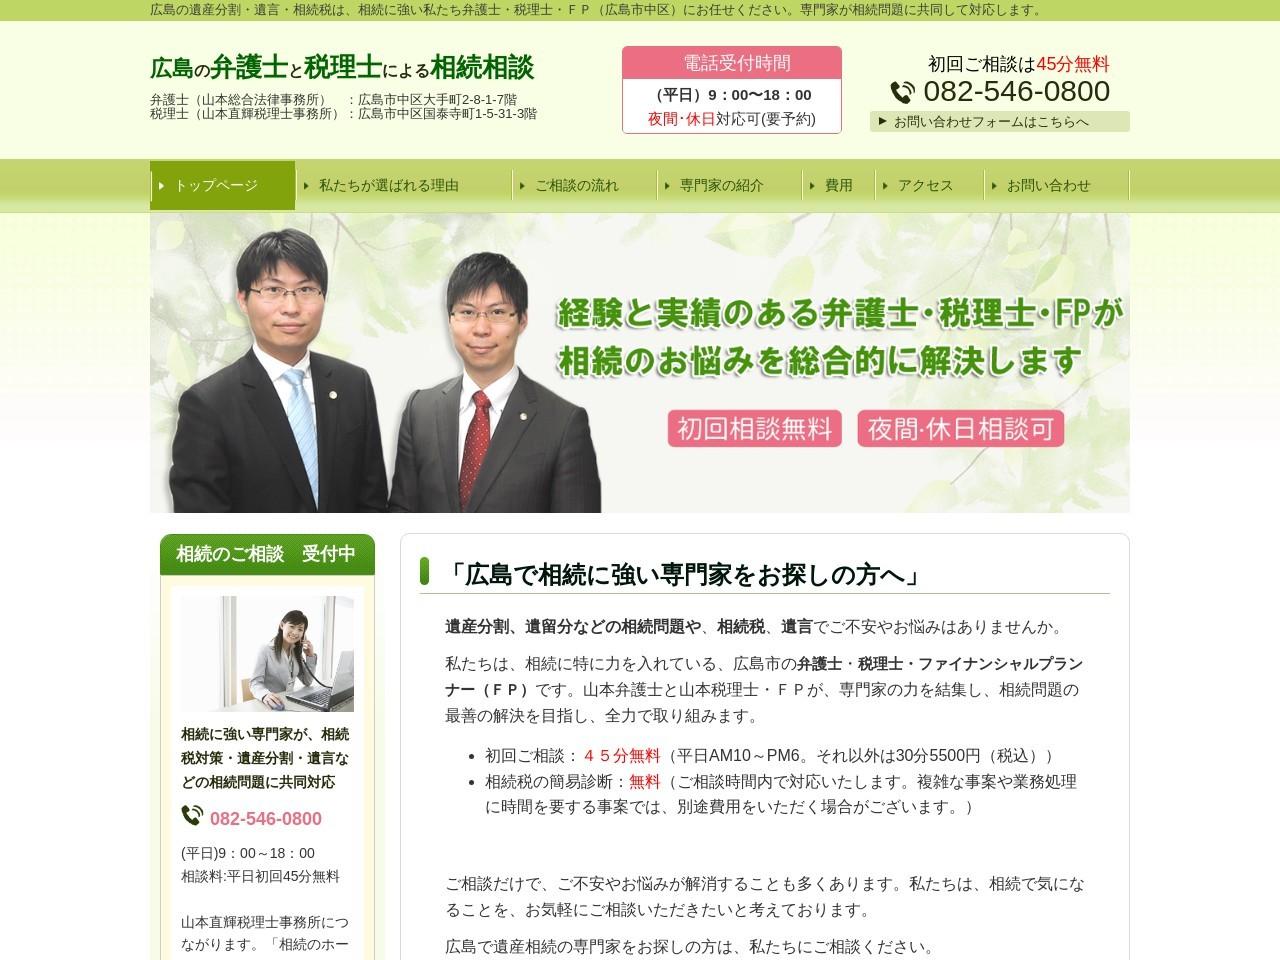 山本直輝税理士事務所